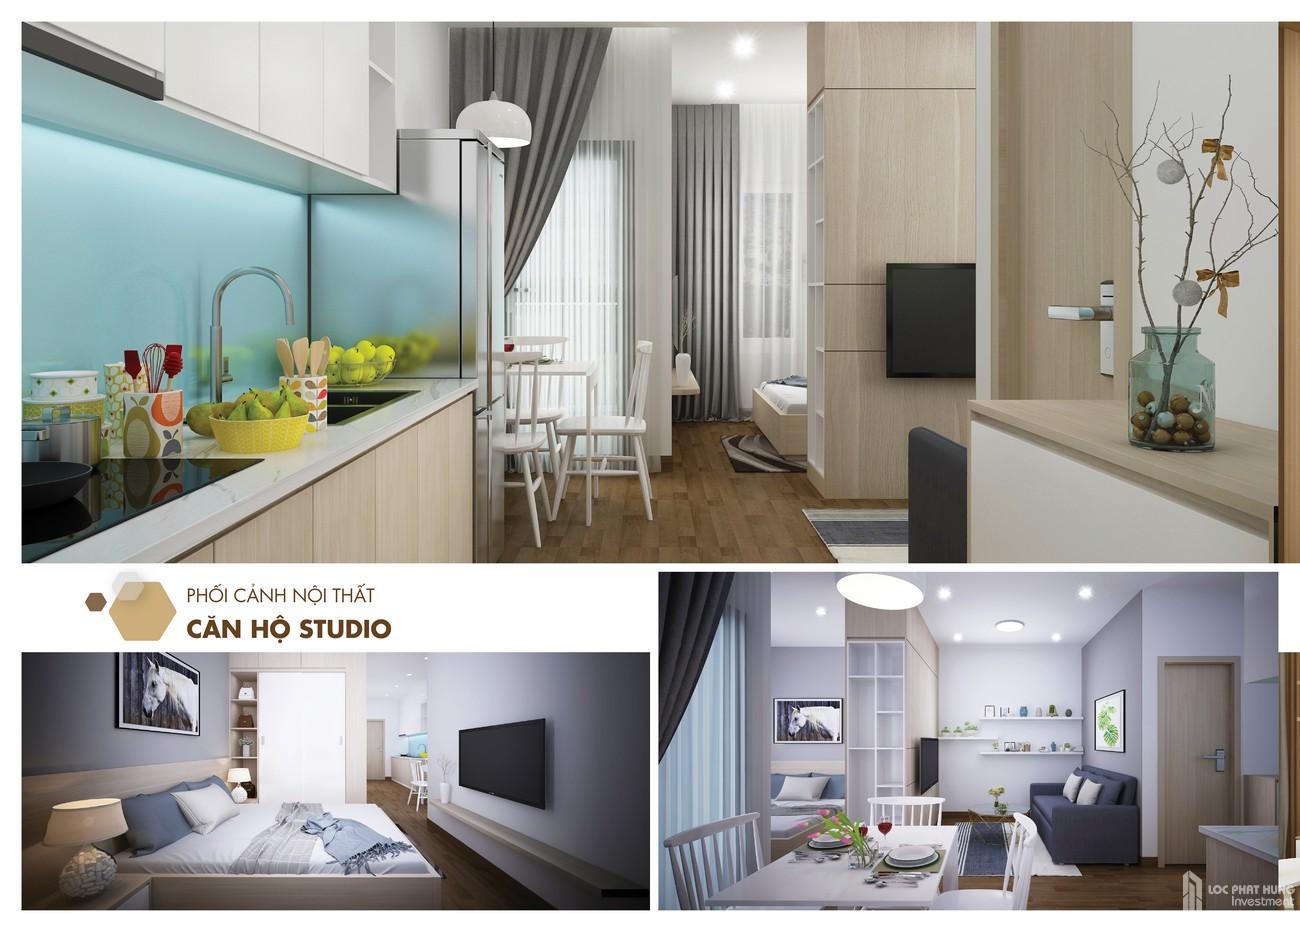 Nội thất dự án căn hộ chung cư Legacy Central Thuận An Bình Dương chủ đầu tư Kim Oanh Group